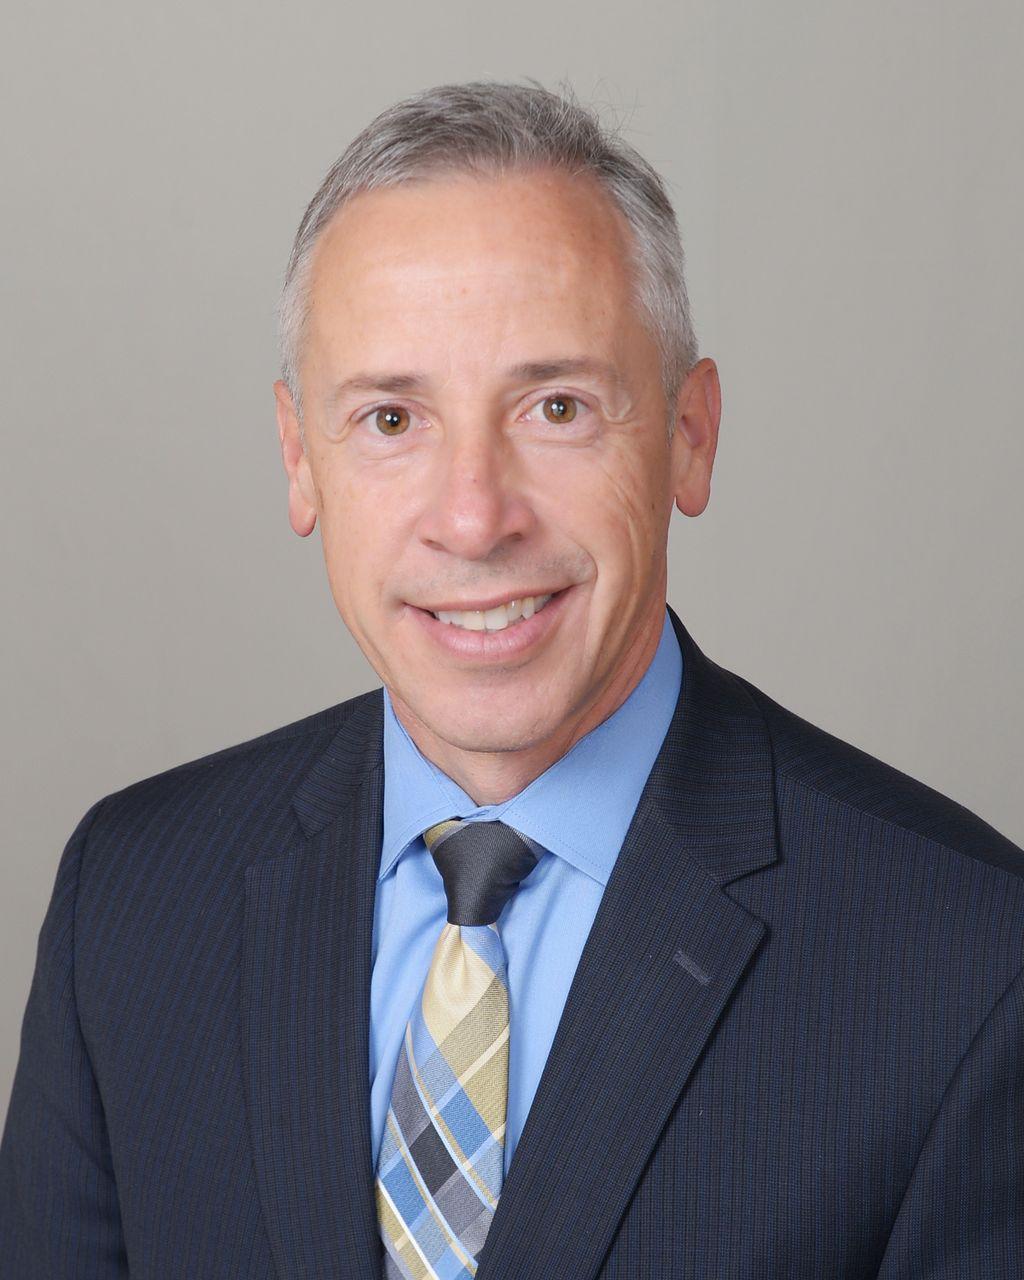 Gus Hernandez